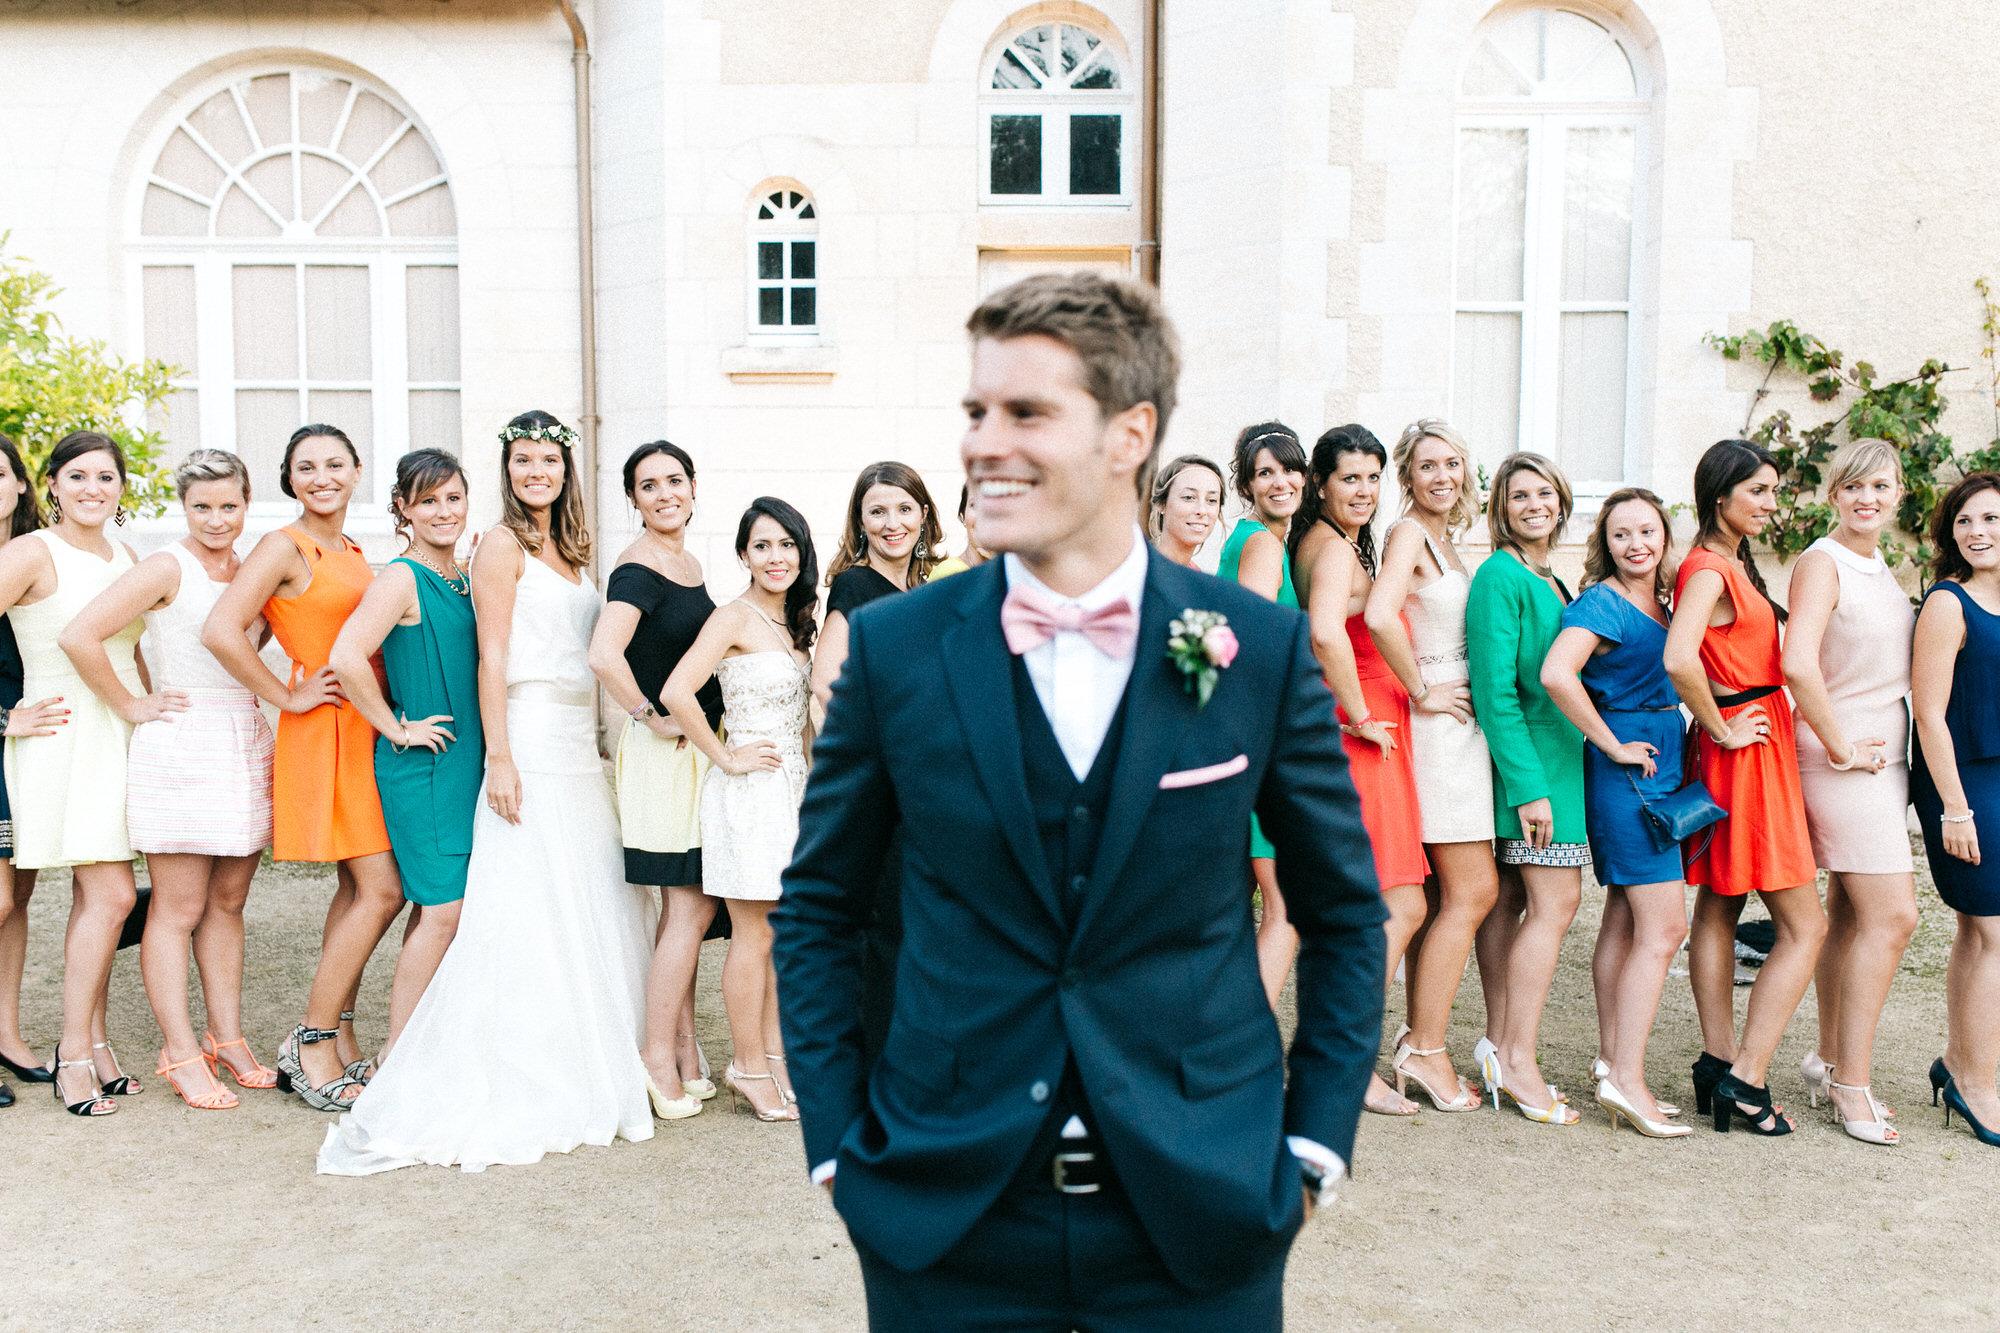 photographe-mariage-la-roche-sur-yon-41